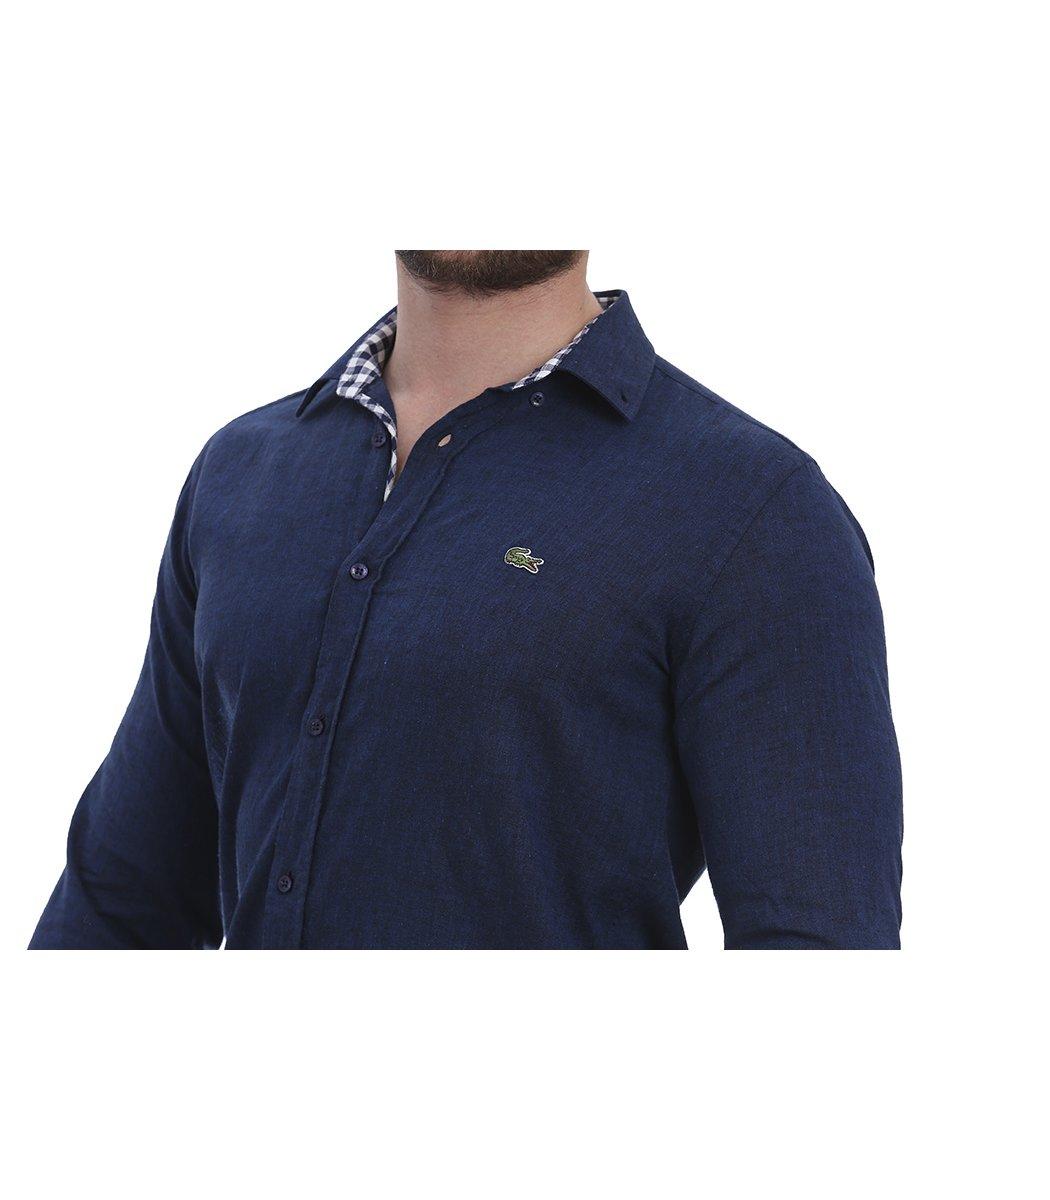 Темно-синяя рубашка Lacoste classic RL1